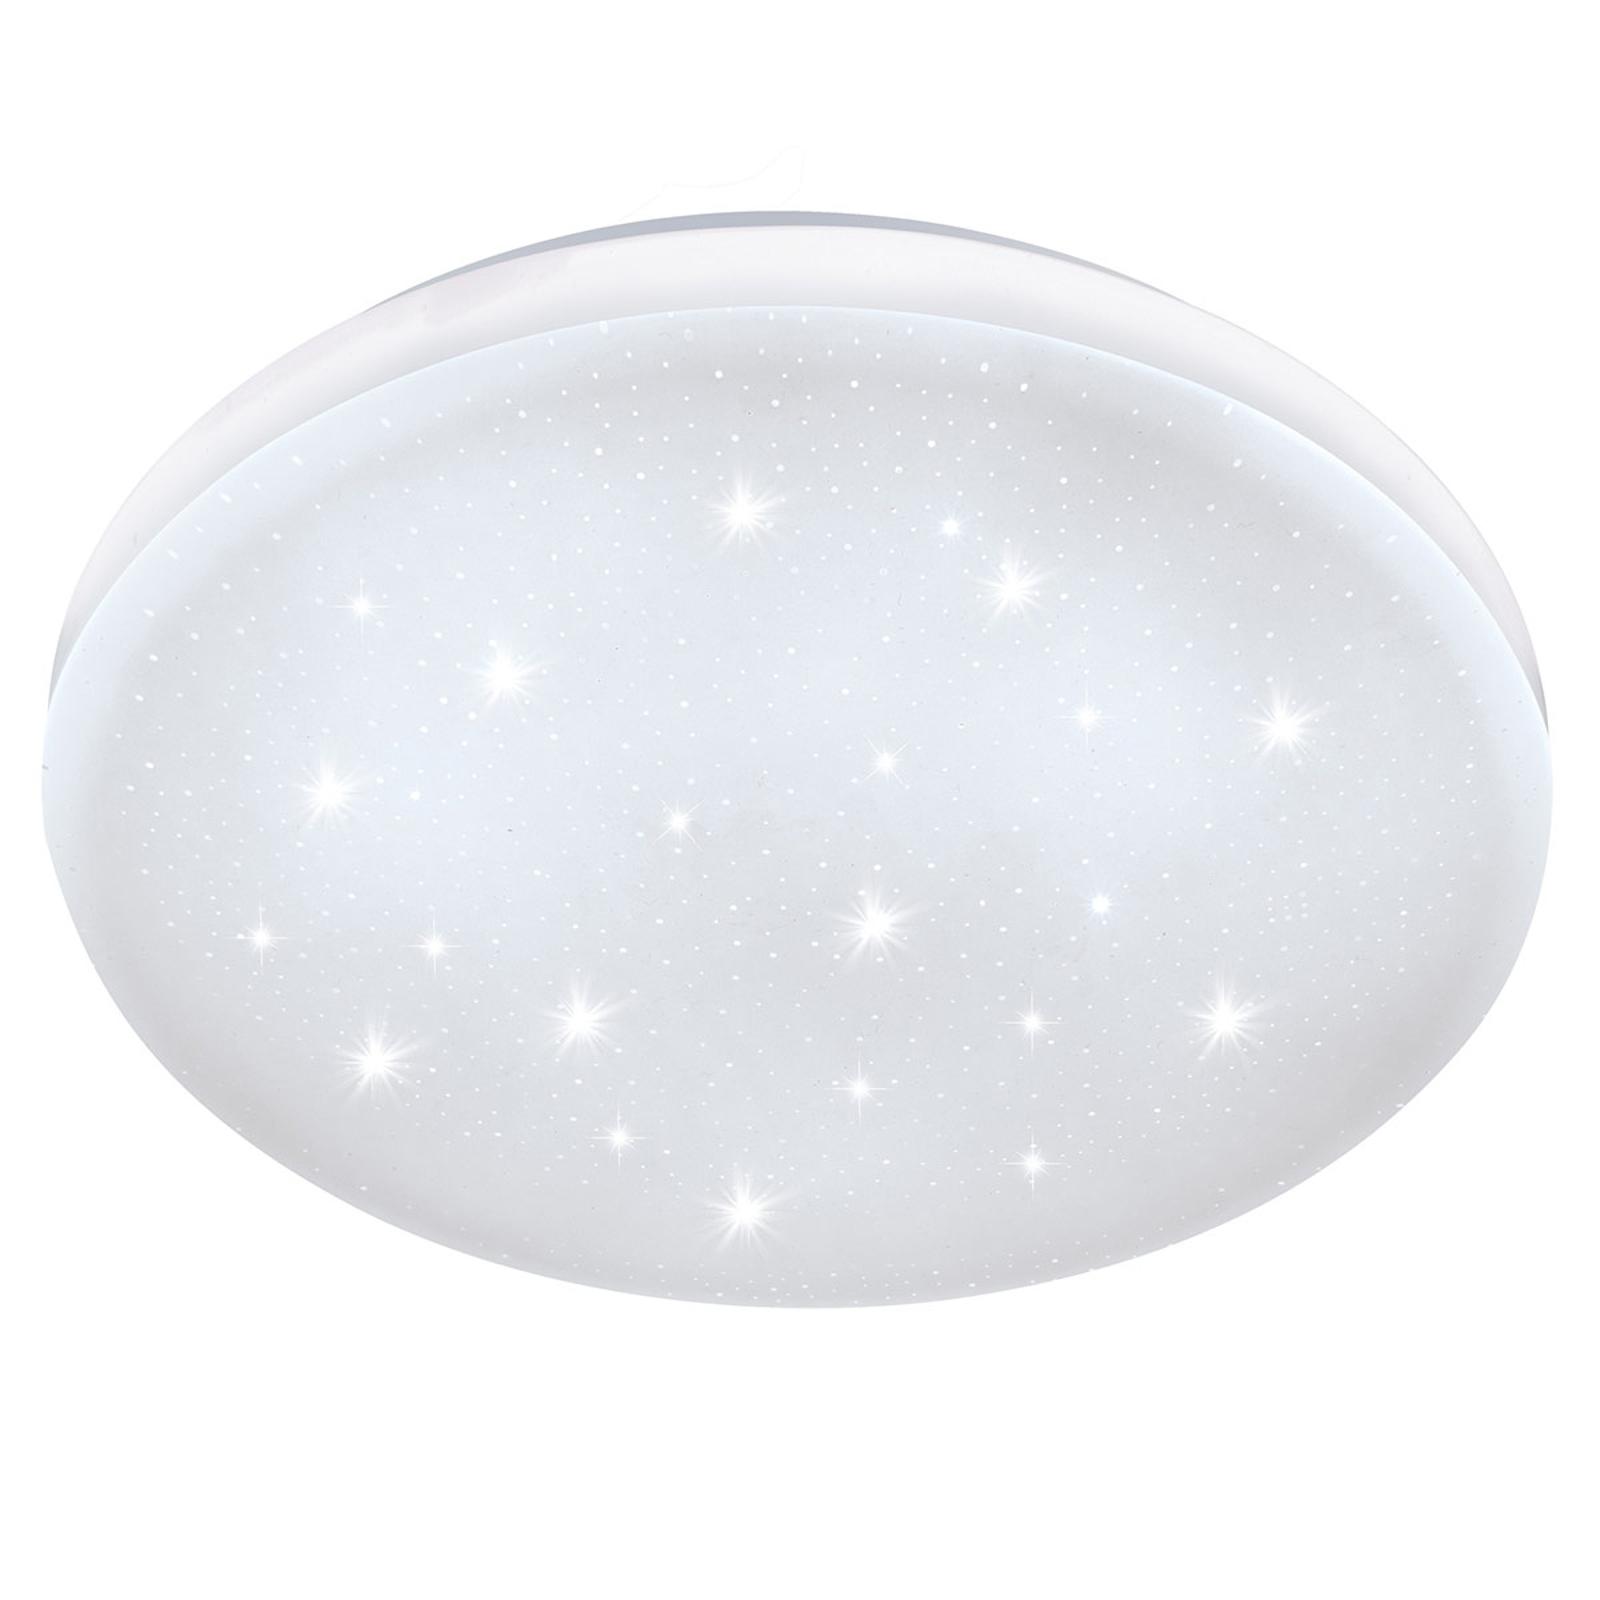 Lampa sufitowa LED Frania-S efekt kryształu Ø33 cm